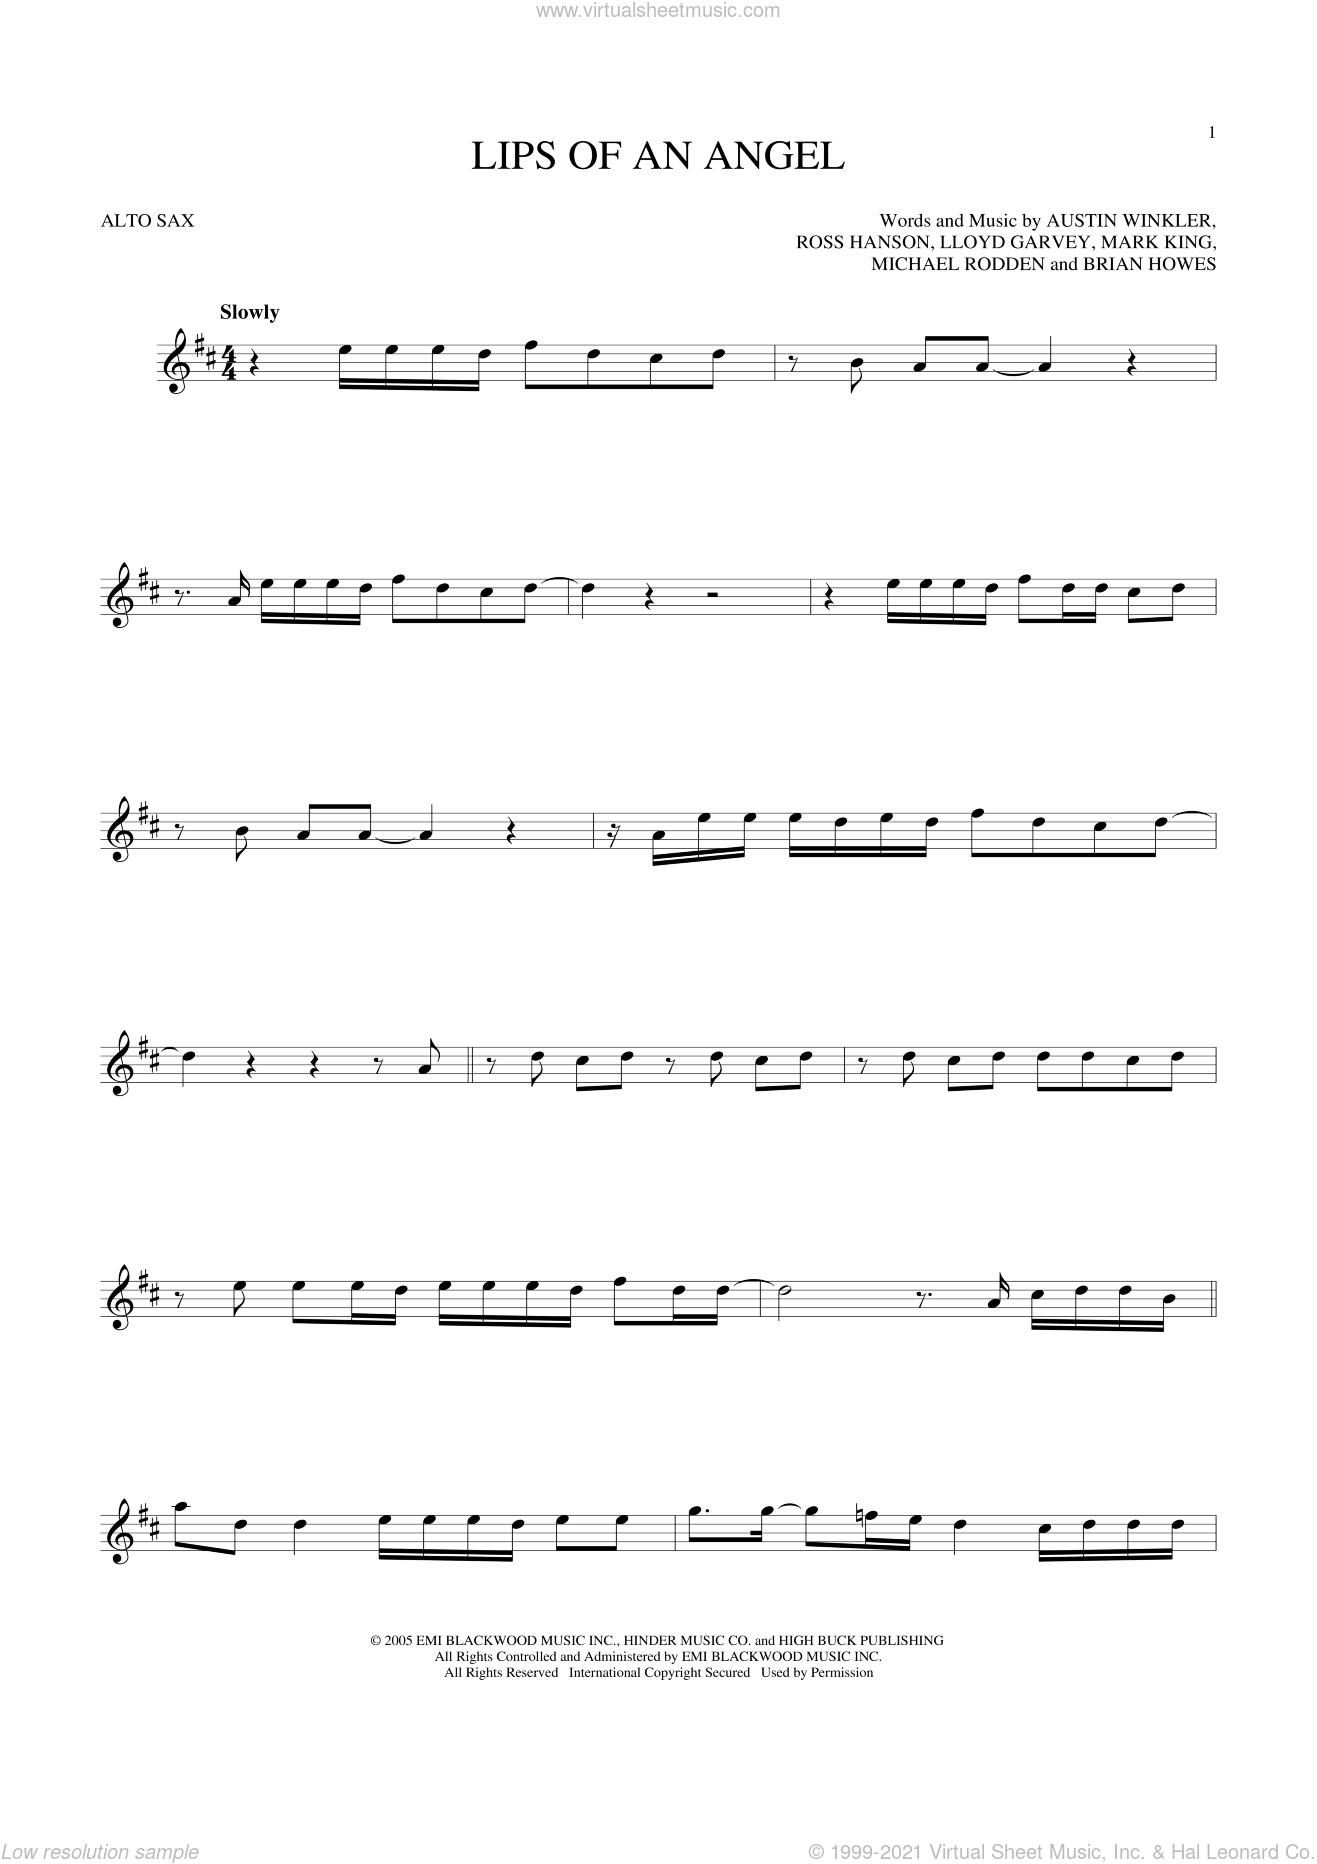 Lips Of An Angel sheet music for alto saxophone solo by Hinder, Jack Ingram, Austin Winkler, Brian Howes, Lloyd Garvey, Mark King, Michael Rodden and Ross Hanson, intermediate skill level